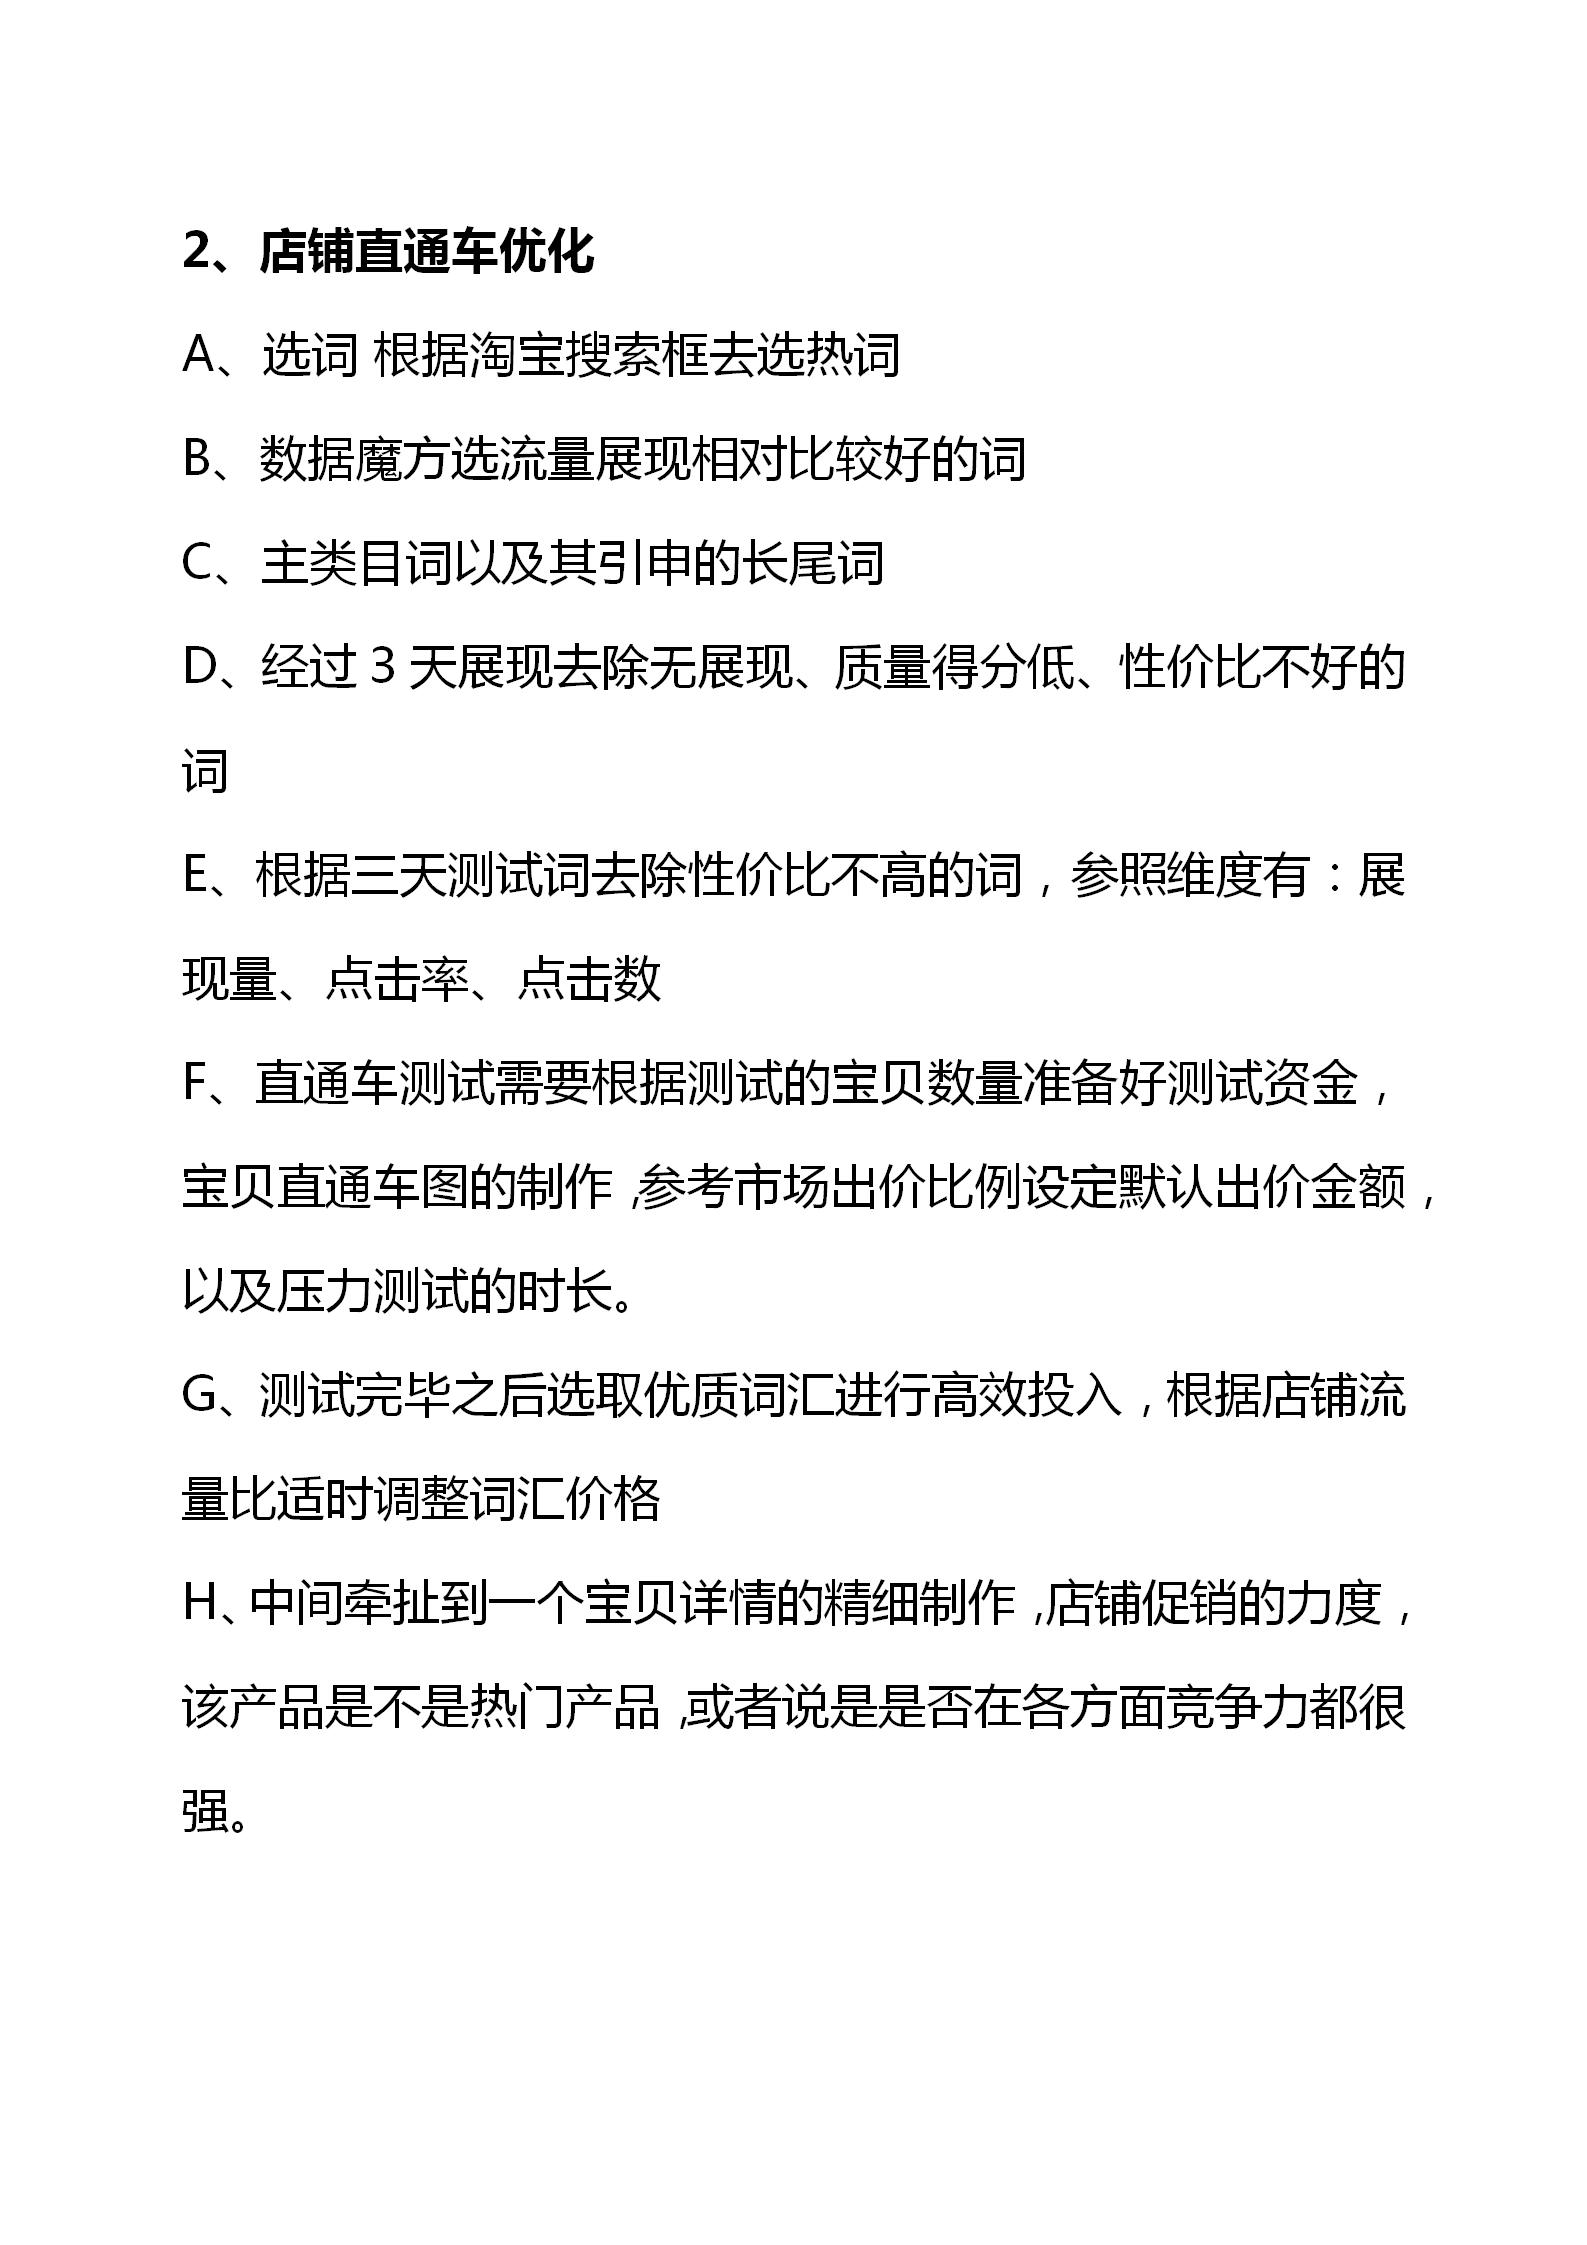 电子商务运营方案怎么写(经典电商运营方案分享)